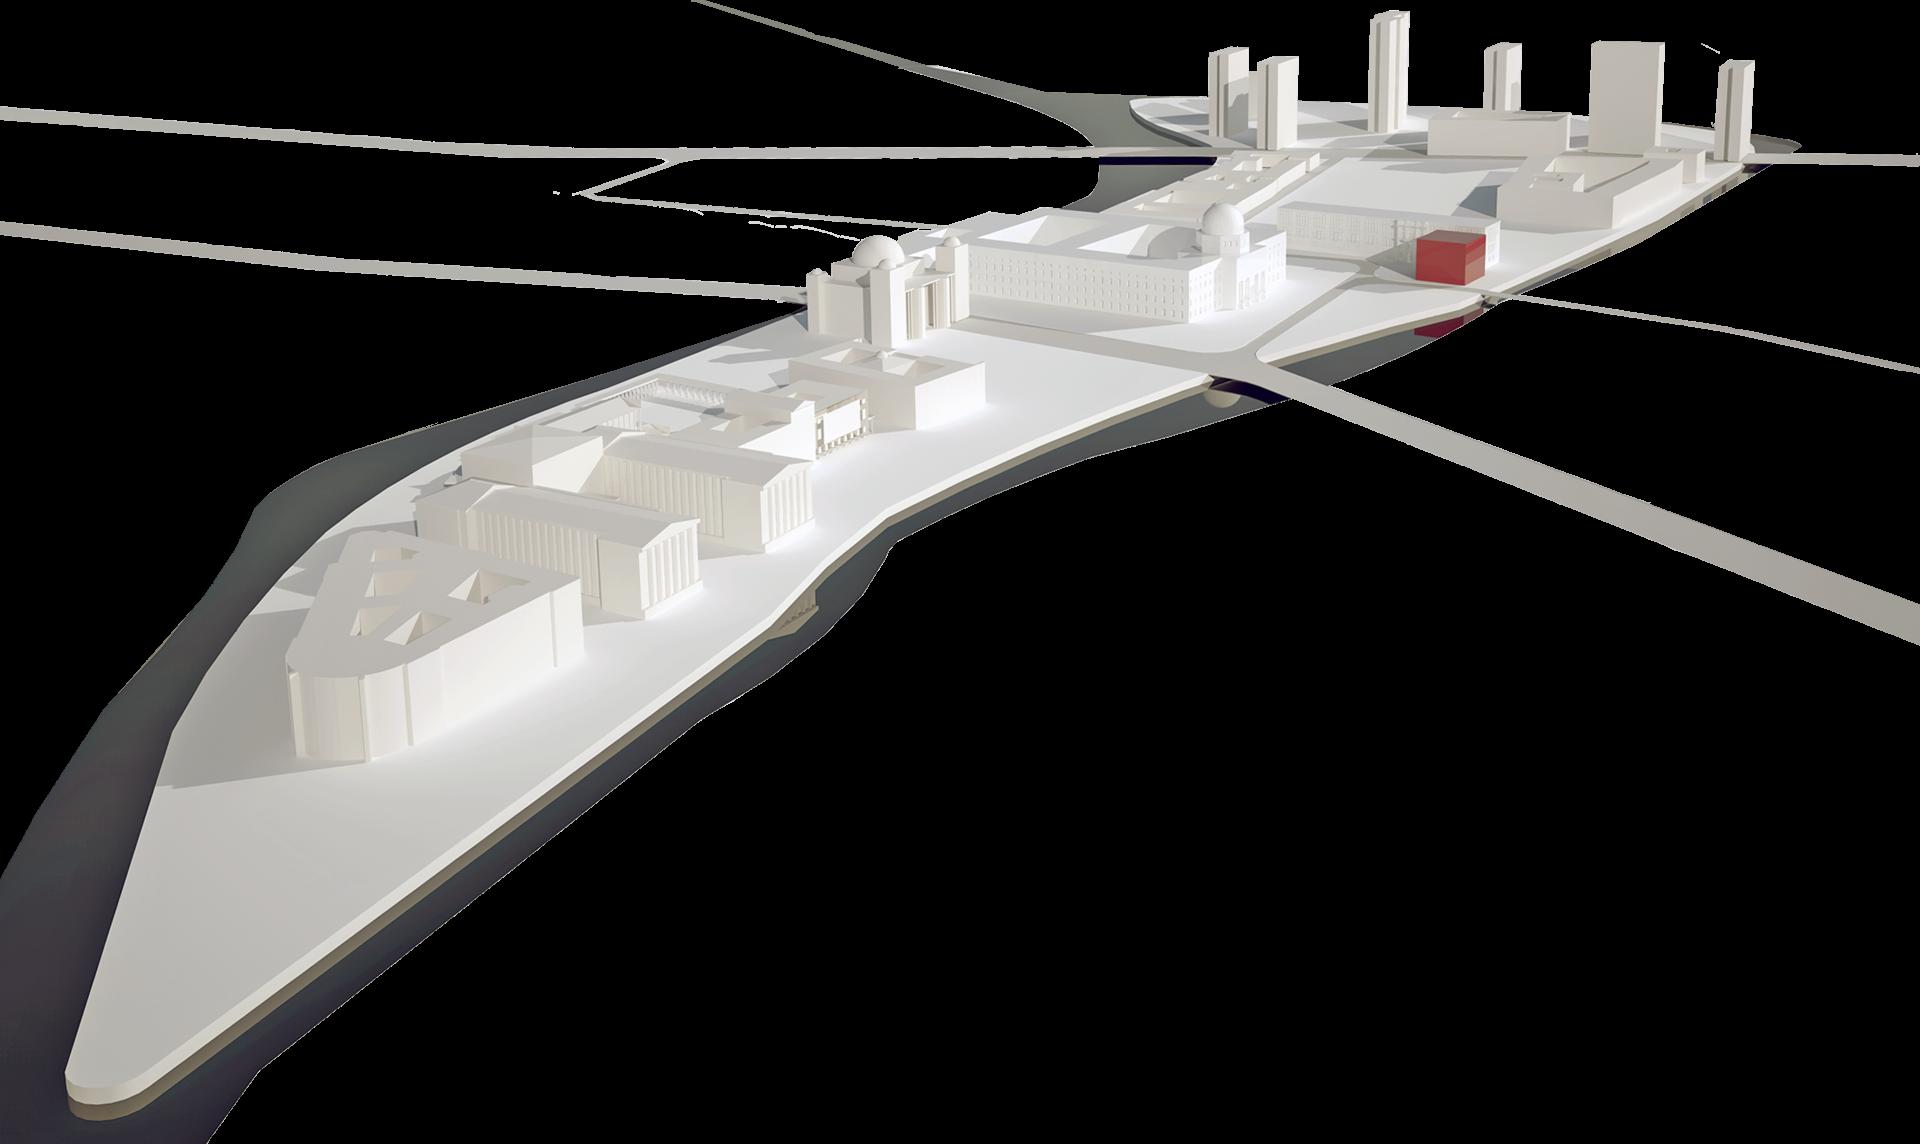 museuminsel panoramic render